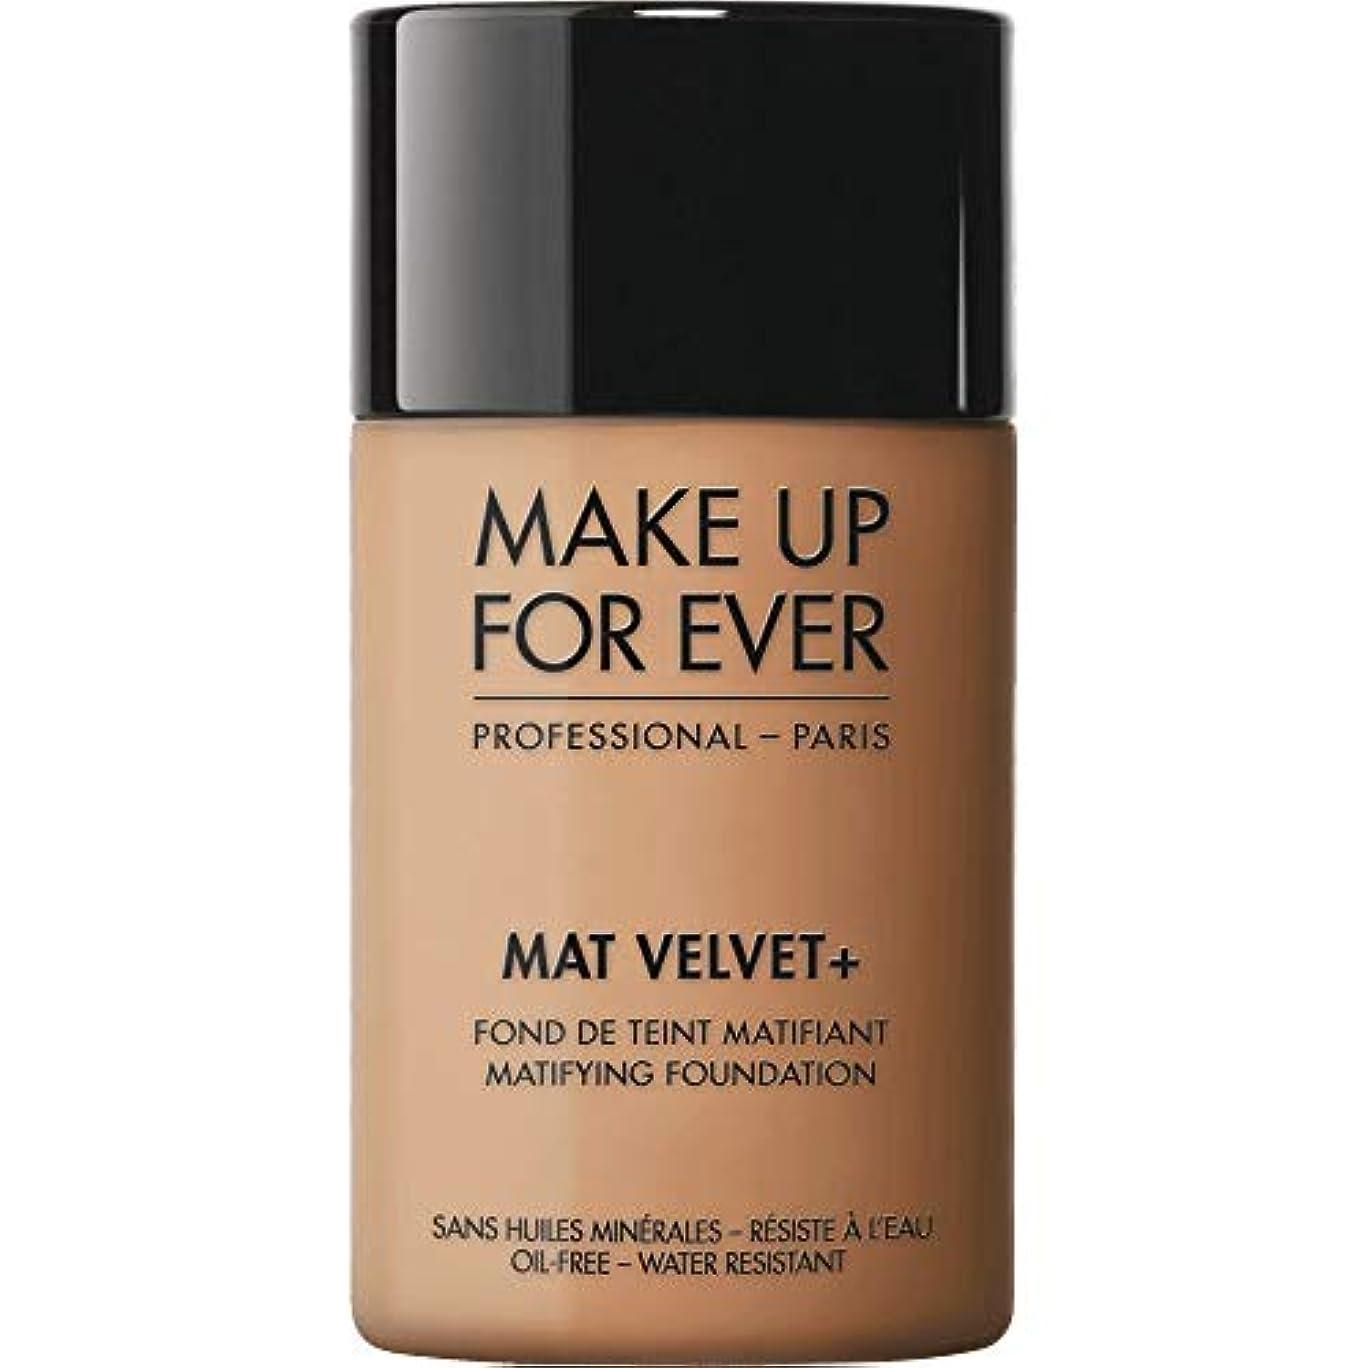 保存接尾辞極貧[MAKE UP FOR EVER ] 暖かい琥珀 - これまでマットベルベット+マティファイングの基礎30ミリリットル67を補います - MAKE UP FOR EVER Mat Velvet+ Matifying Foundation...